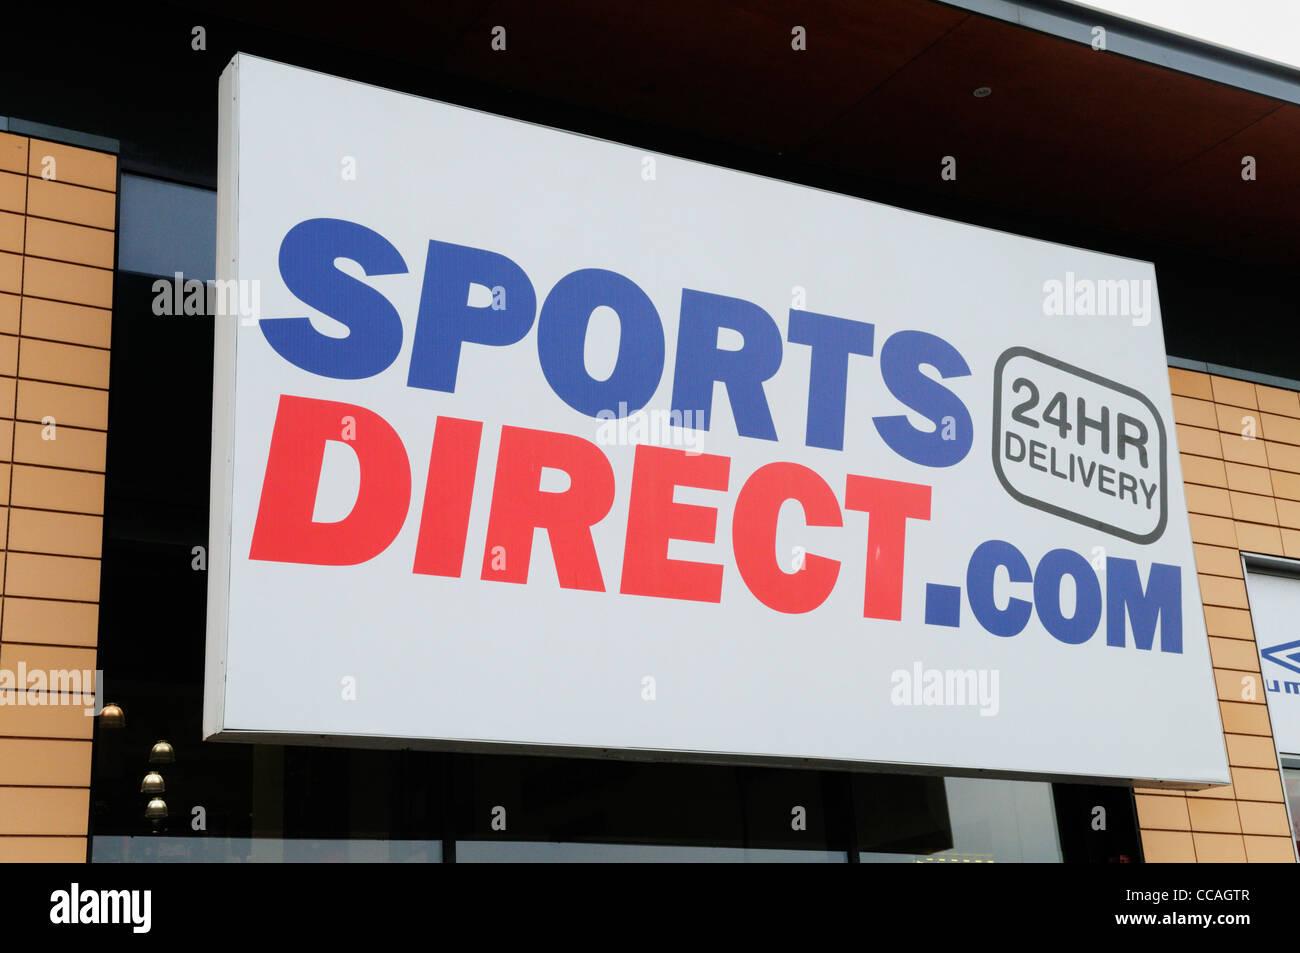 SportsDirect.com sign, Cambridge, England, UK - Stock Image